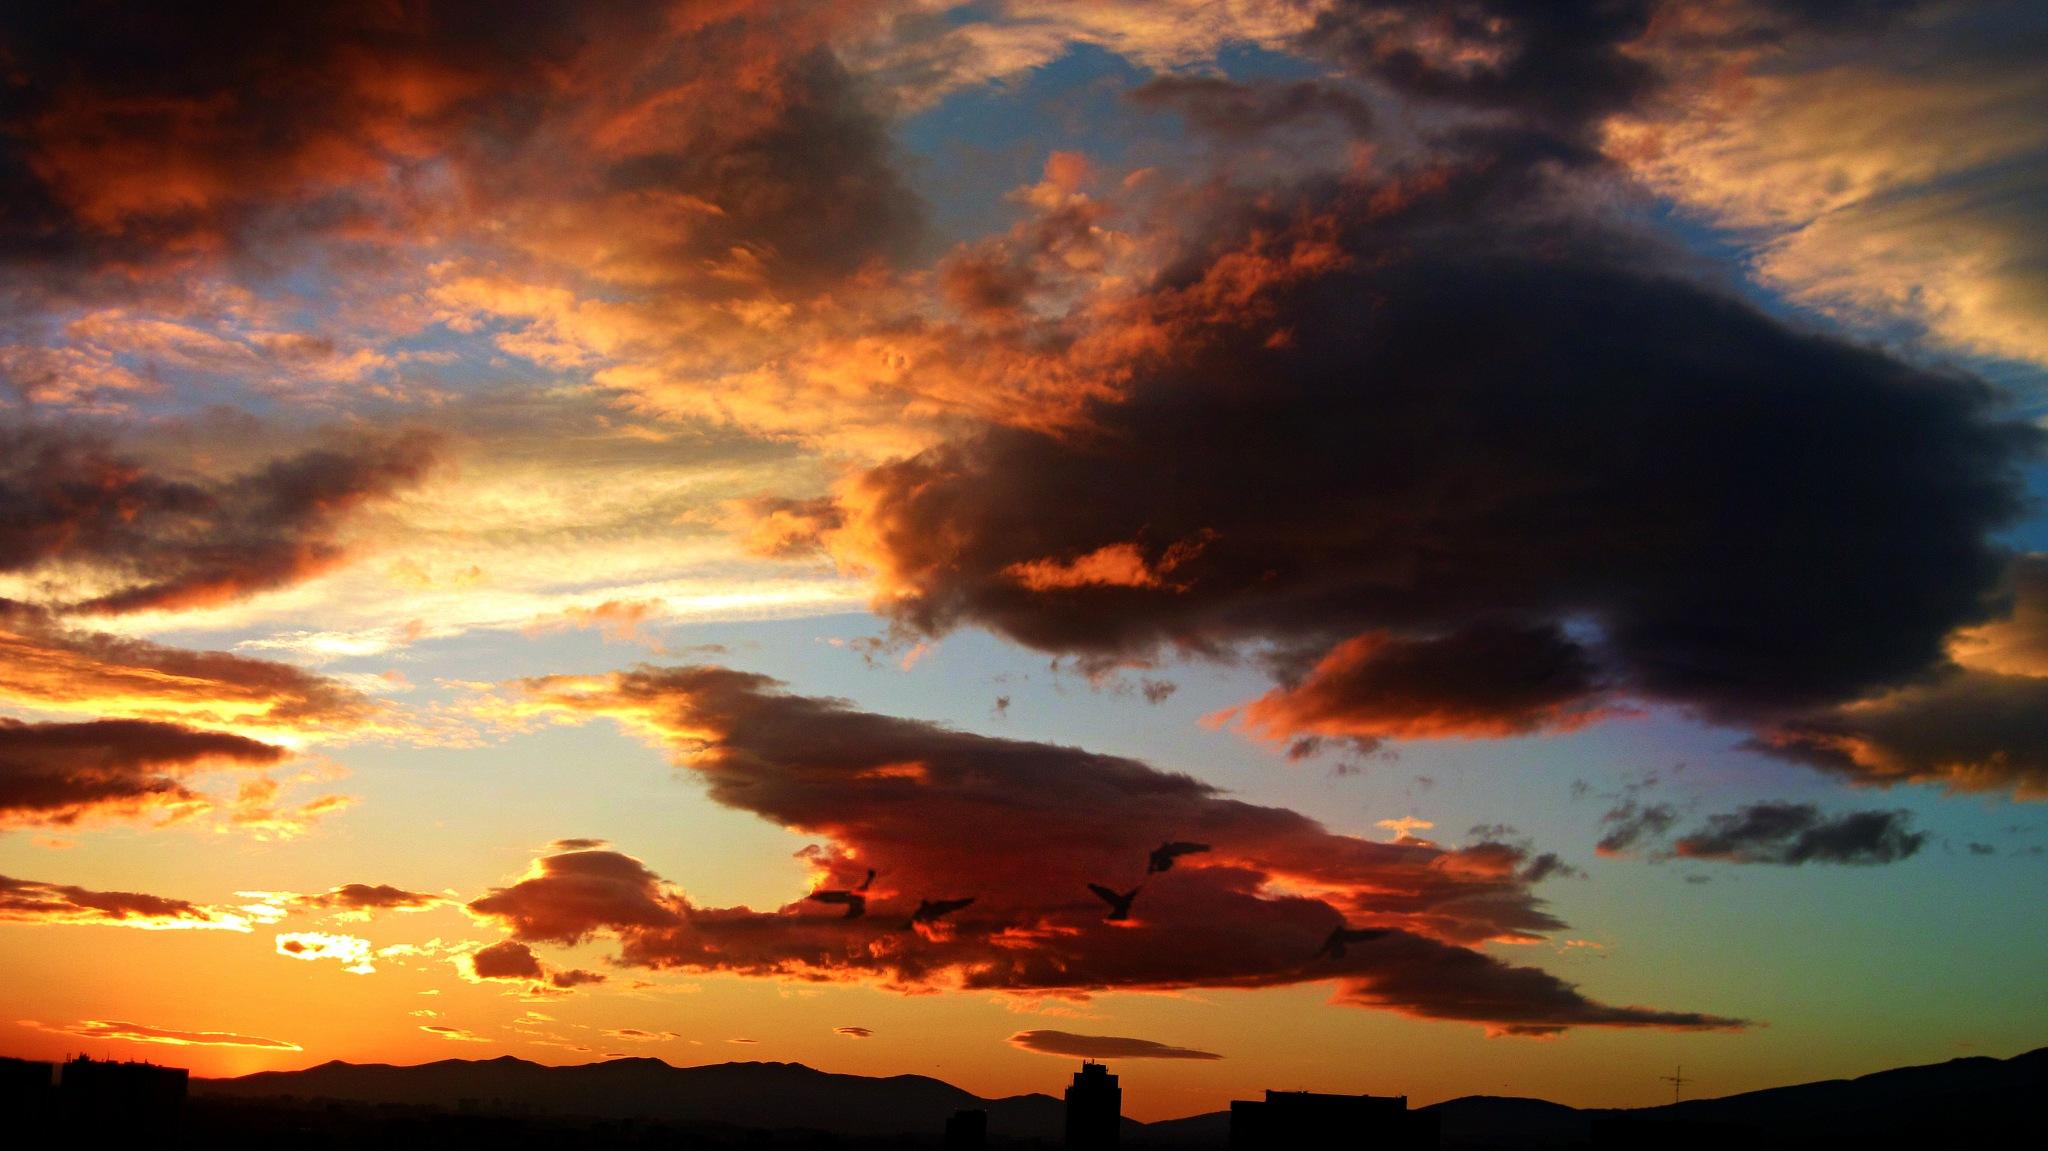 Detrás de cada cosa hay algo que aprender. Detrás de cada noche hay un nuevo amanecer. Detrás de cad by Toni S.